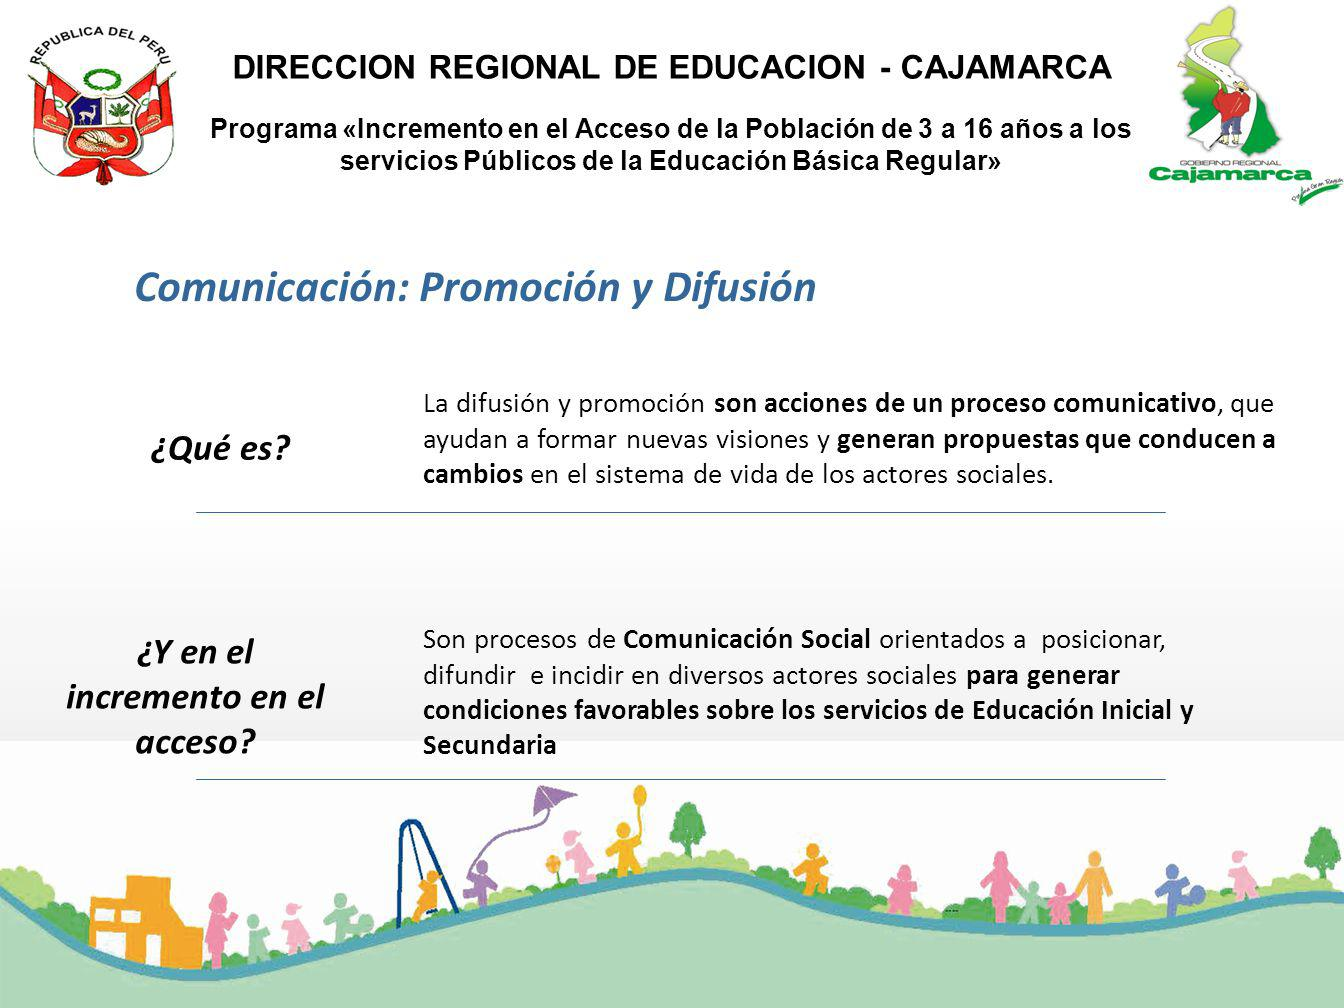 Comunicación: Promoción y Difusión ¿Y en el incremento en el acceso